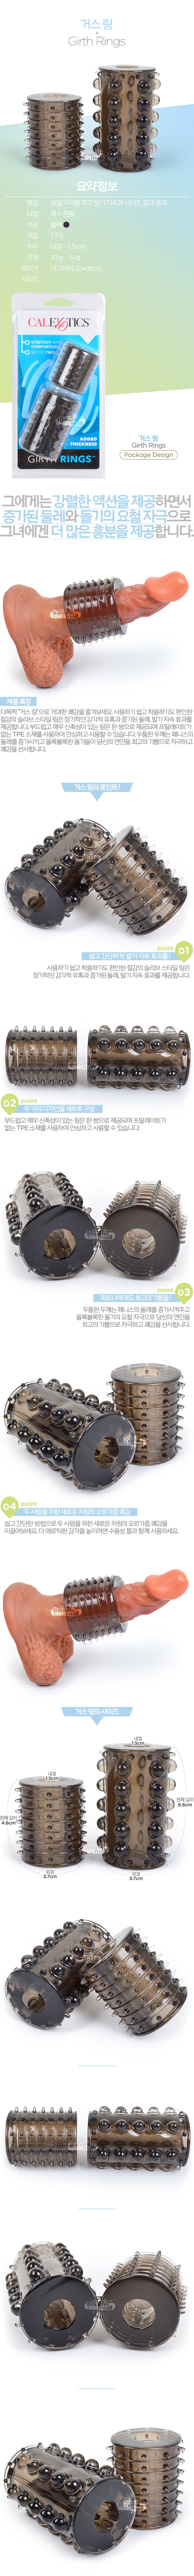 [미국 직수입] 거스 링(Girth Rings) - 이그저틱(SE-1618-00-2) (EJT)